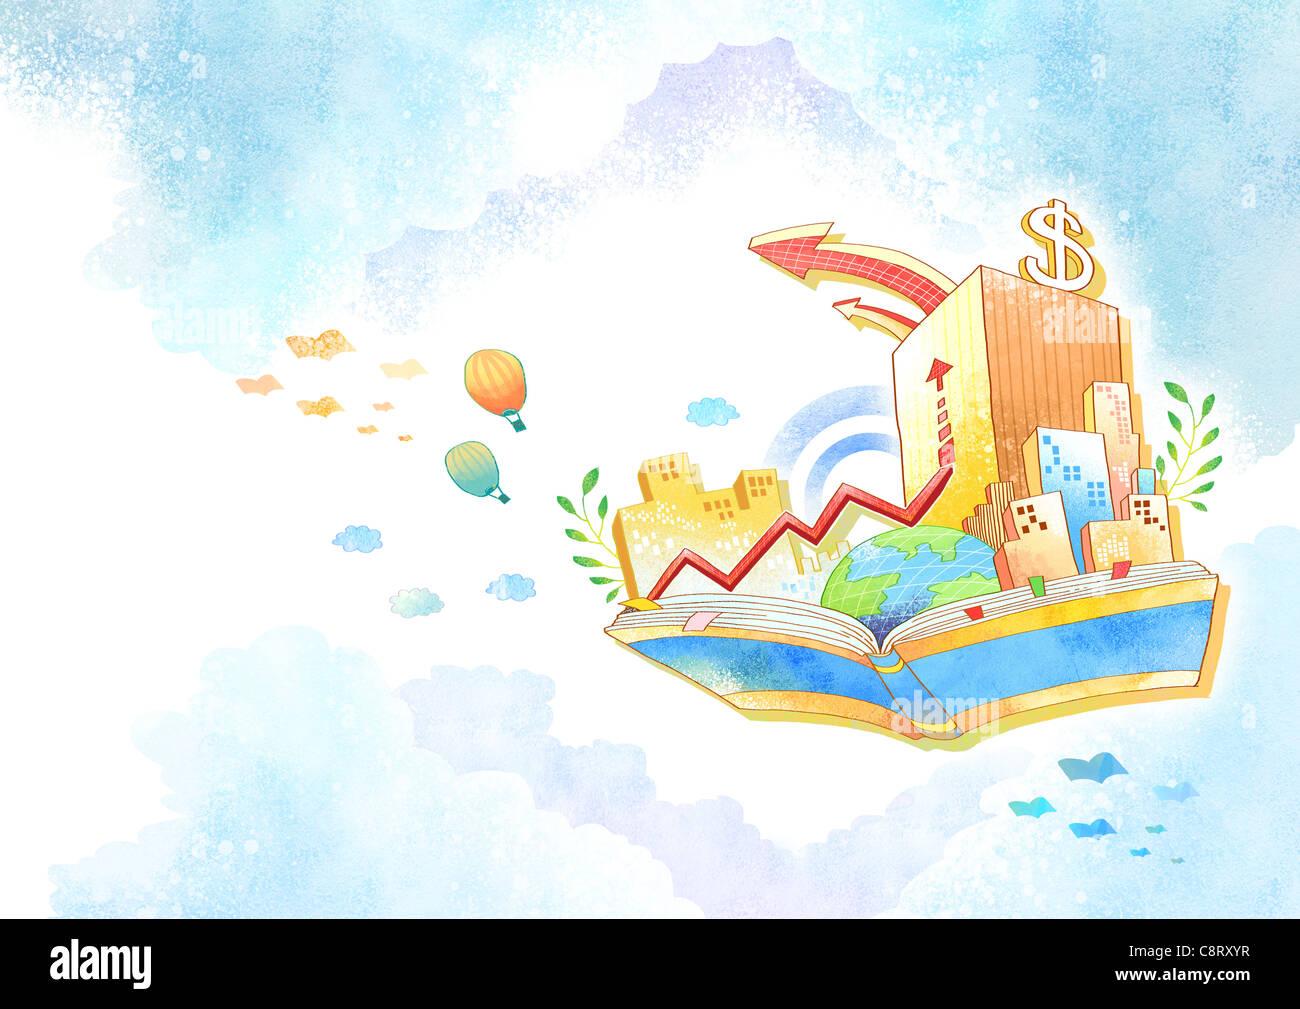 Illustrazione del simbolo del dollaro sulla costruzione Immagini Stock